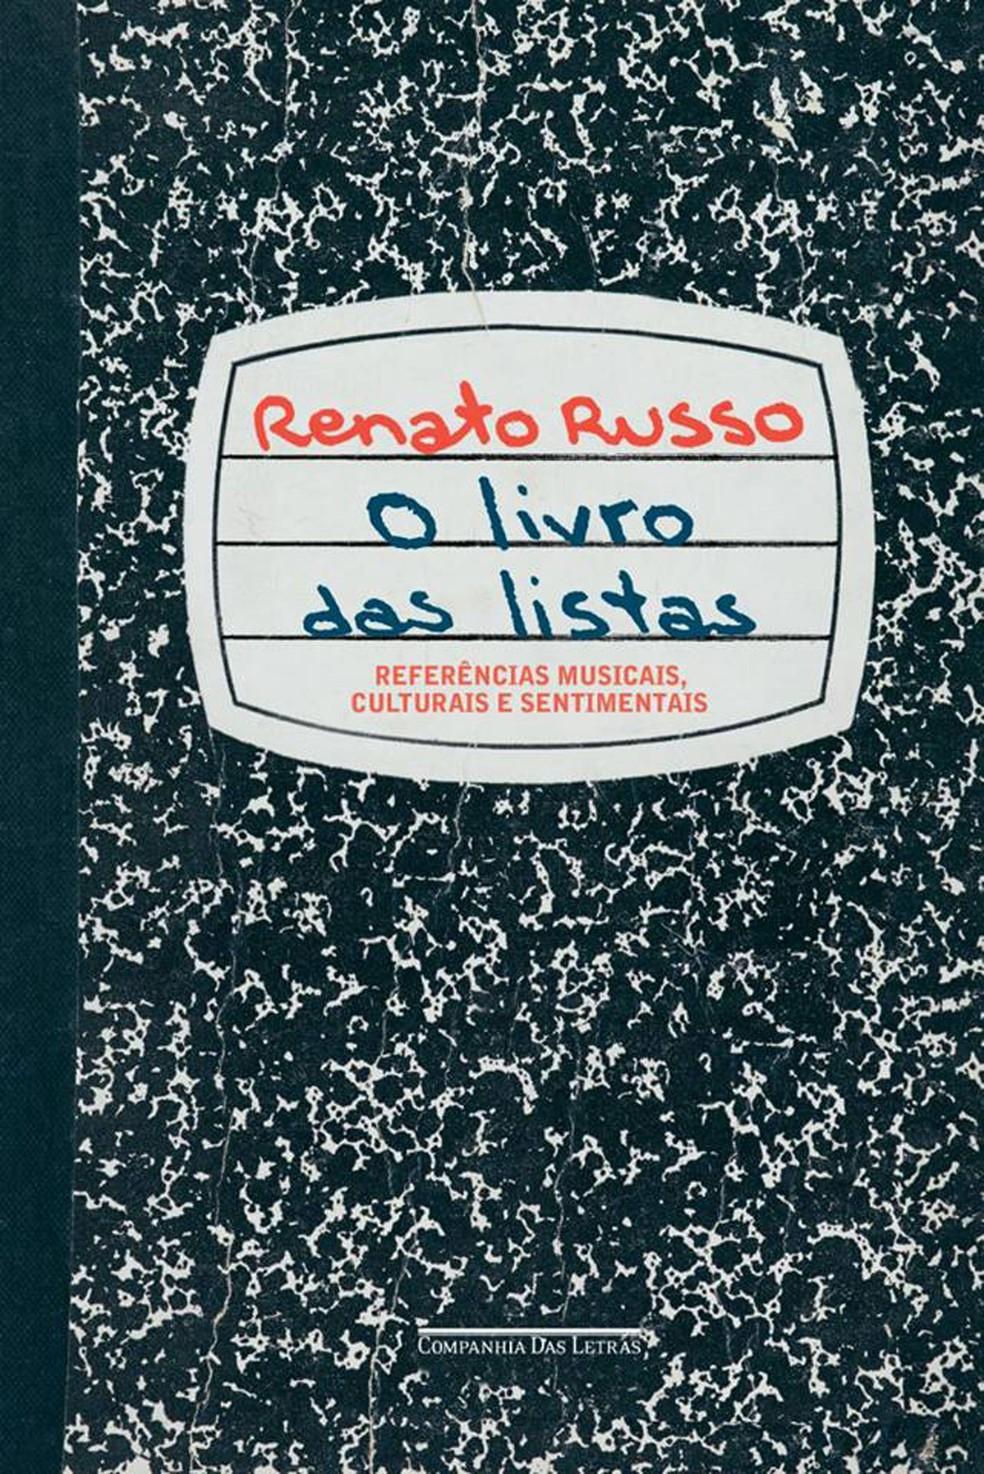 O Livro das Listas – Renato Russo